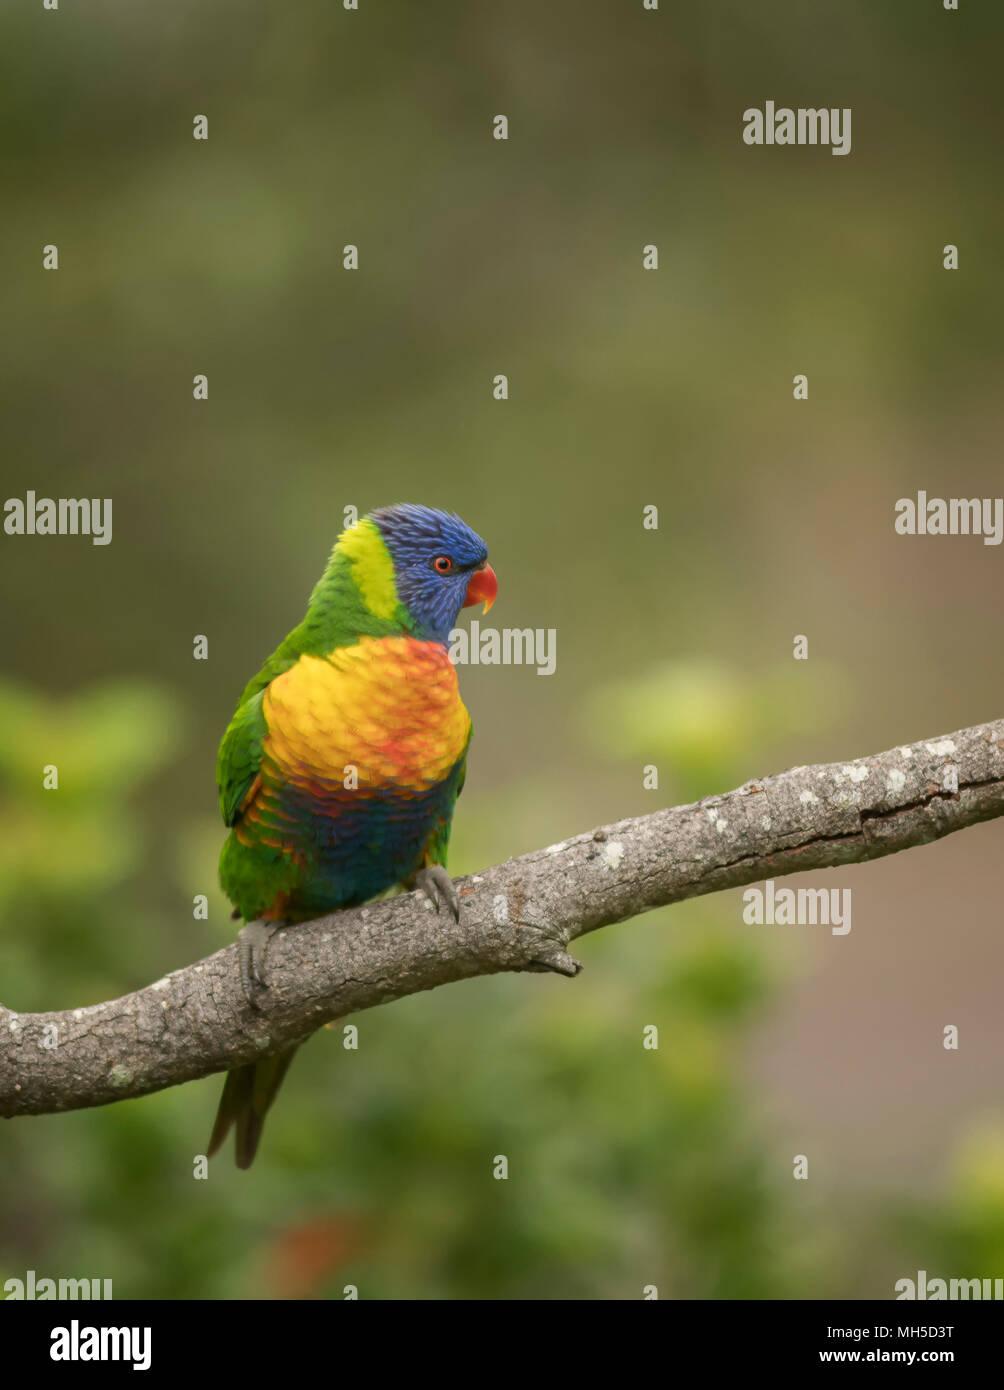 Rainbow Lorikeet isolé sur un arrière-plan, avec un flou d'arrière-plan de la nature. Banque D'Images